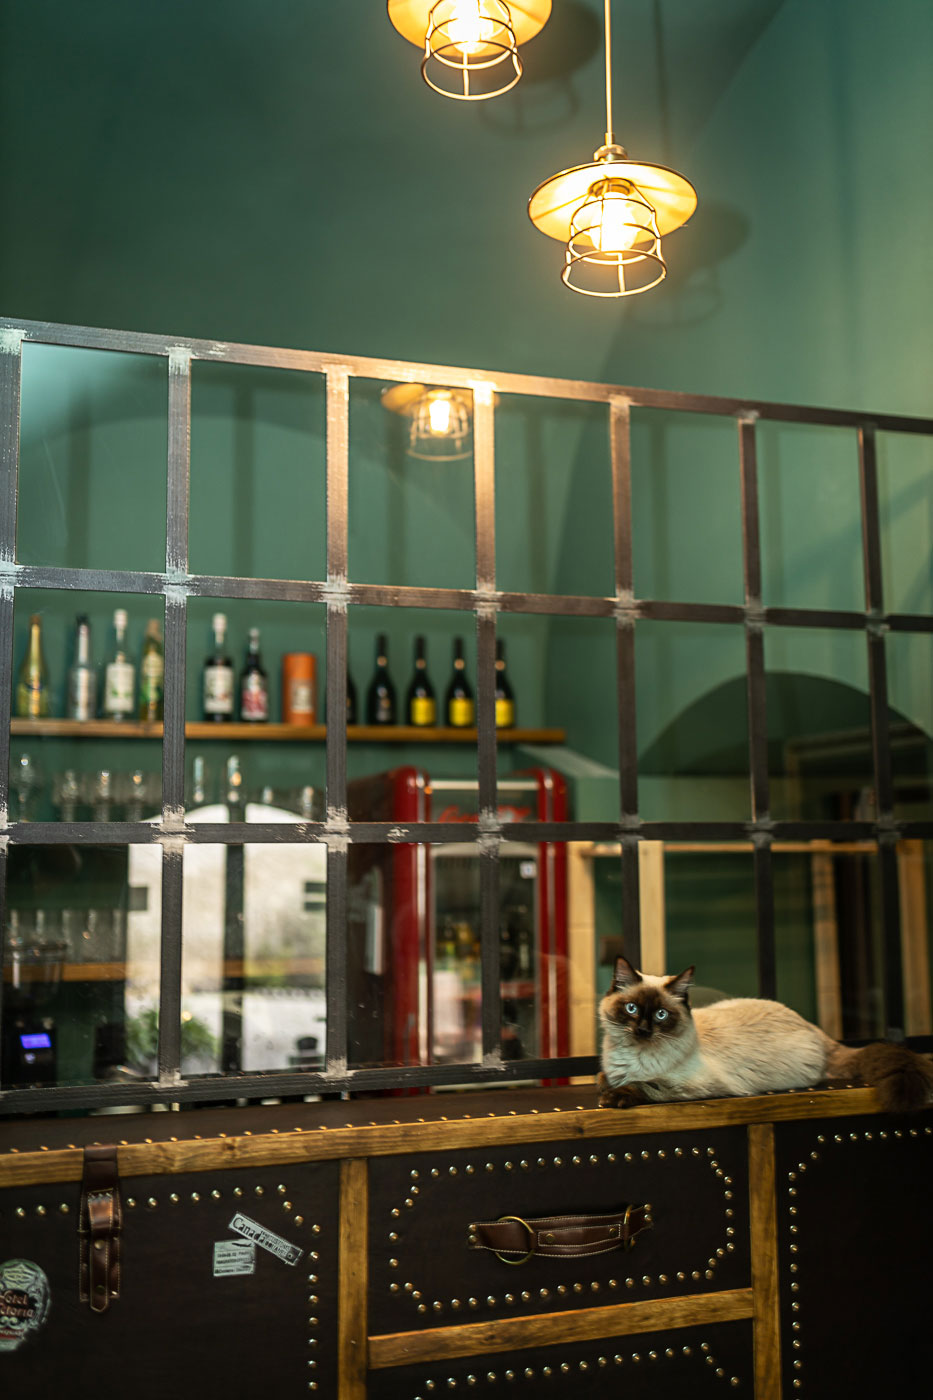 Kaviareň Ragdoll Café: Priestor mačacej kaviarne ladenej do glamour štýlu